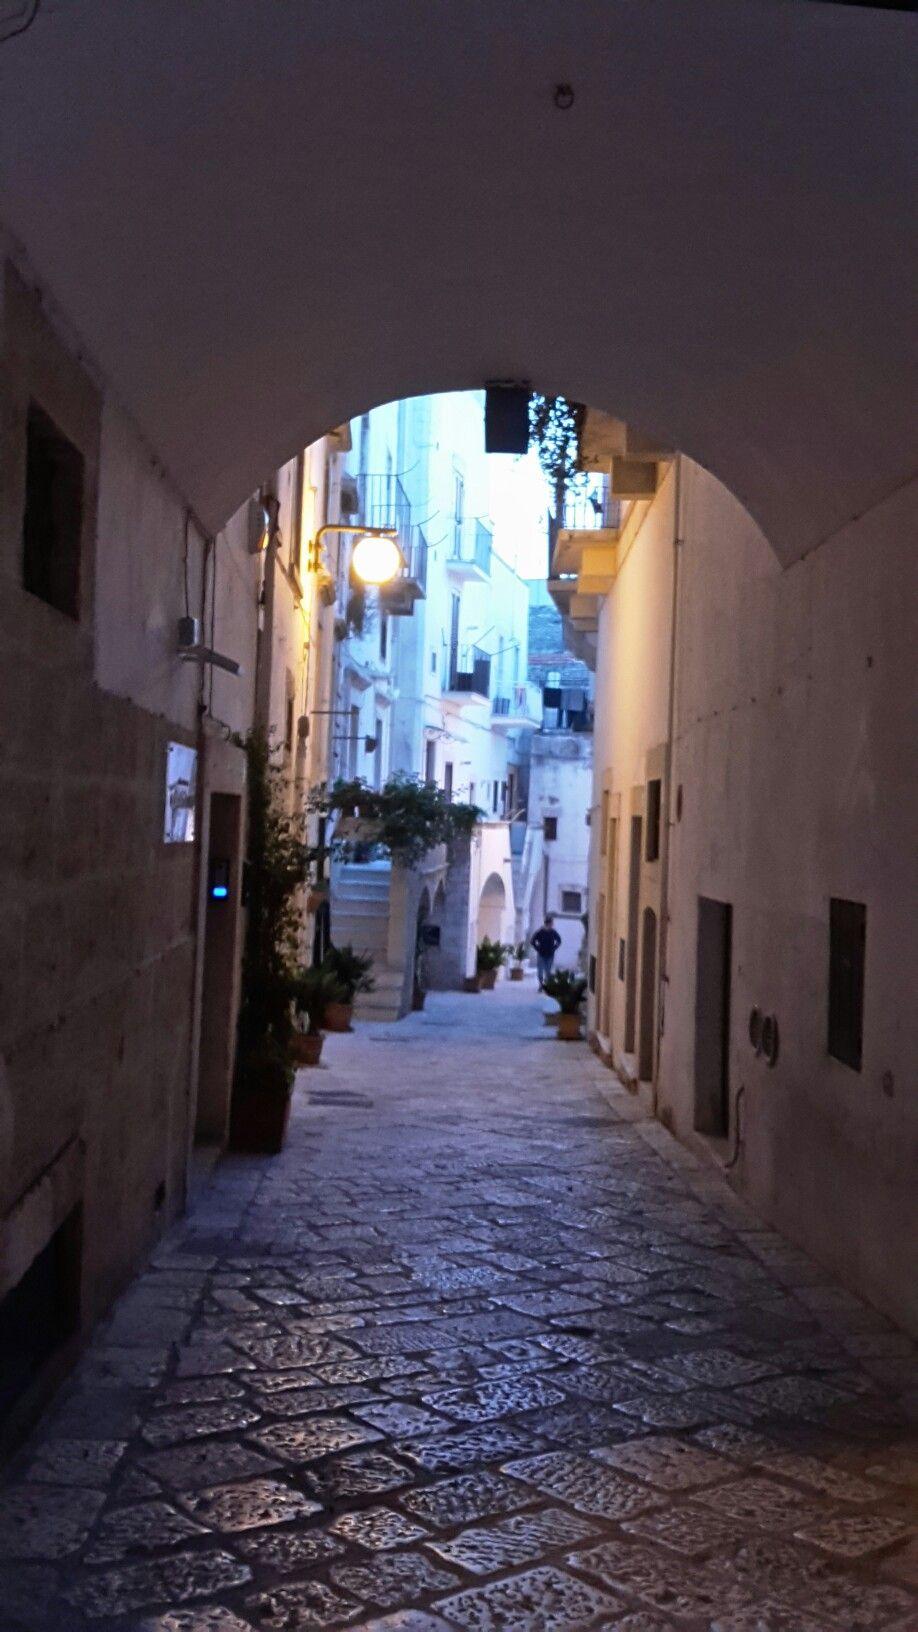 Centro storico di Putignano #InvadiAmoPutignano #invasionidigitali @invasionid